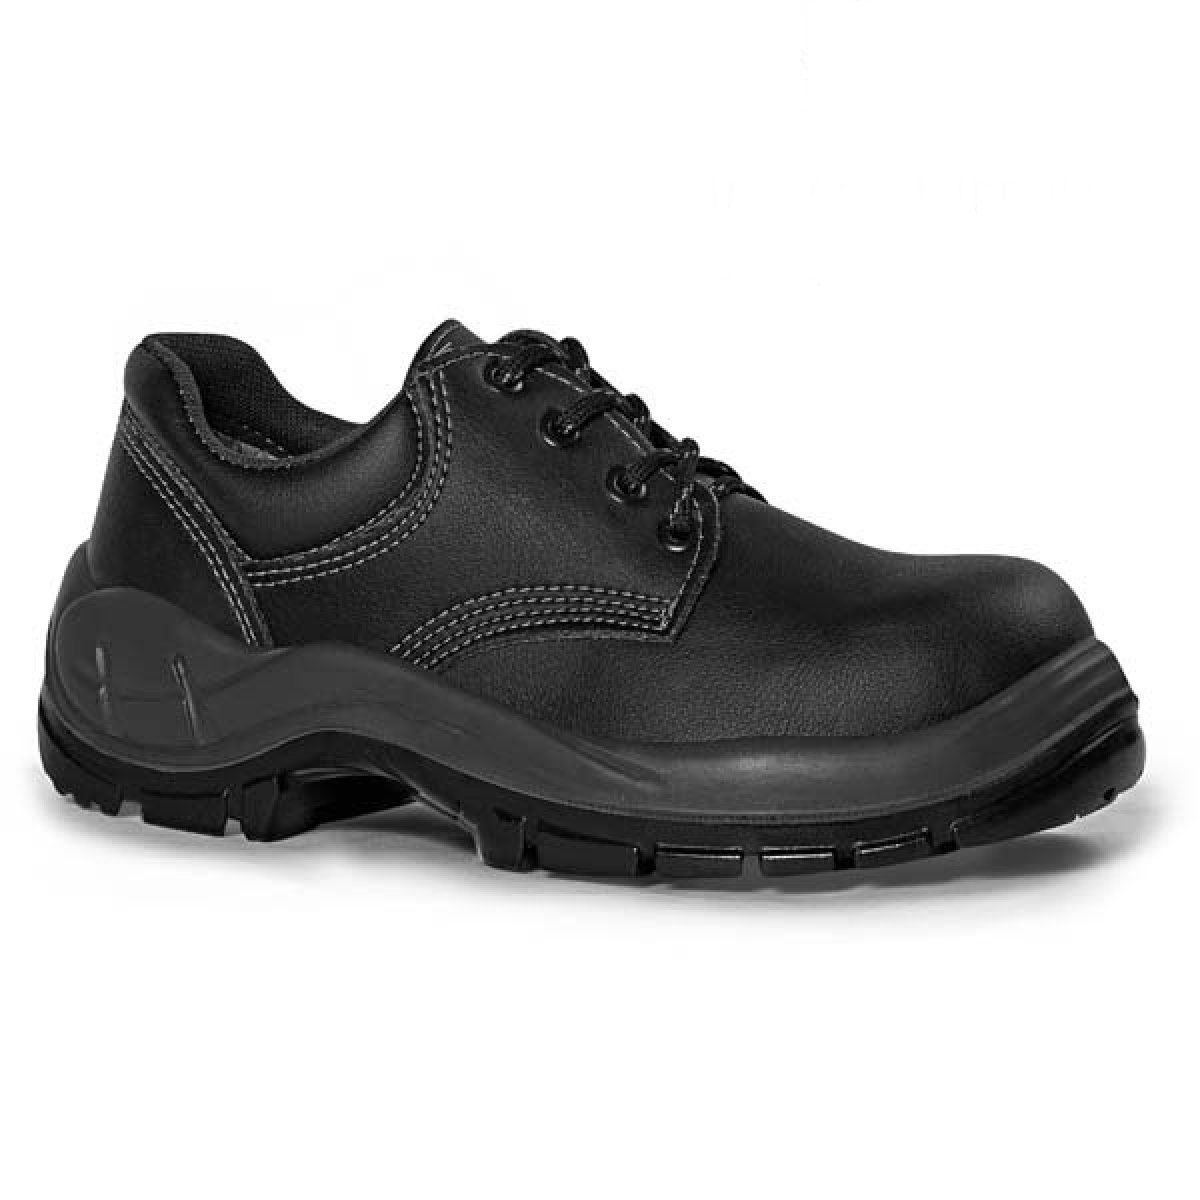 Sapato c/ Cadarço Bidensidade s/ Bico de Aço Preto N°36 - BRACOL